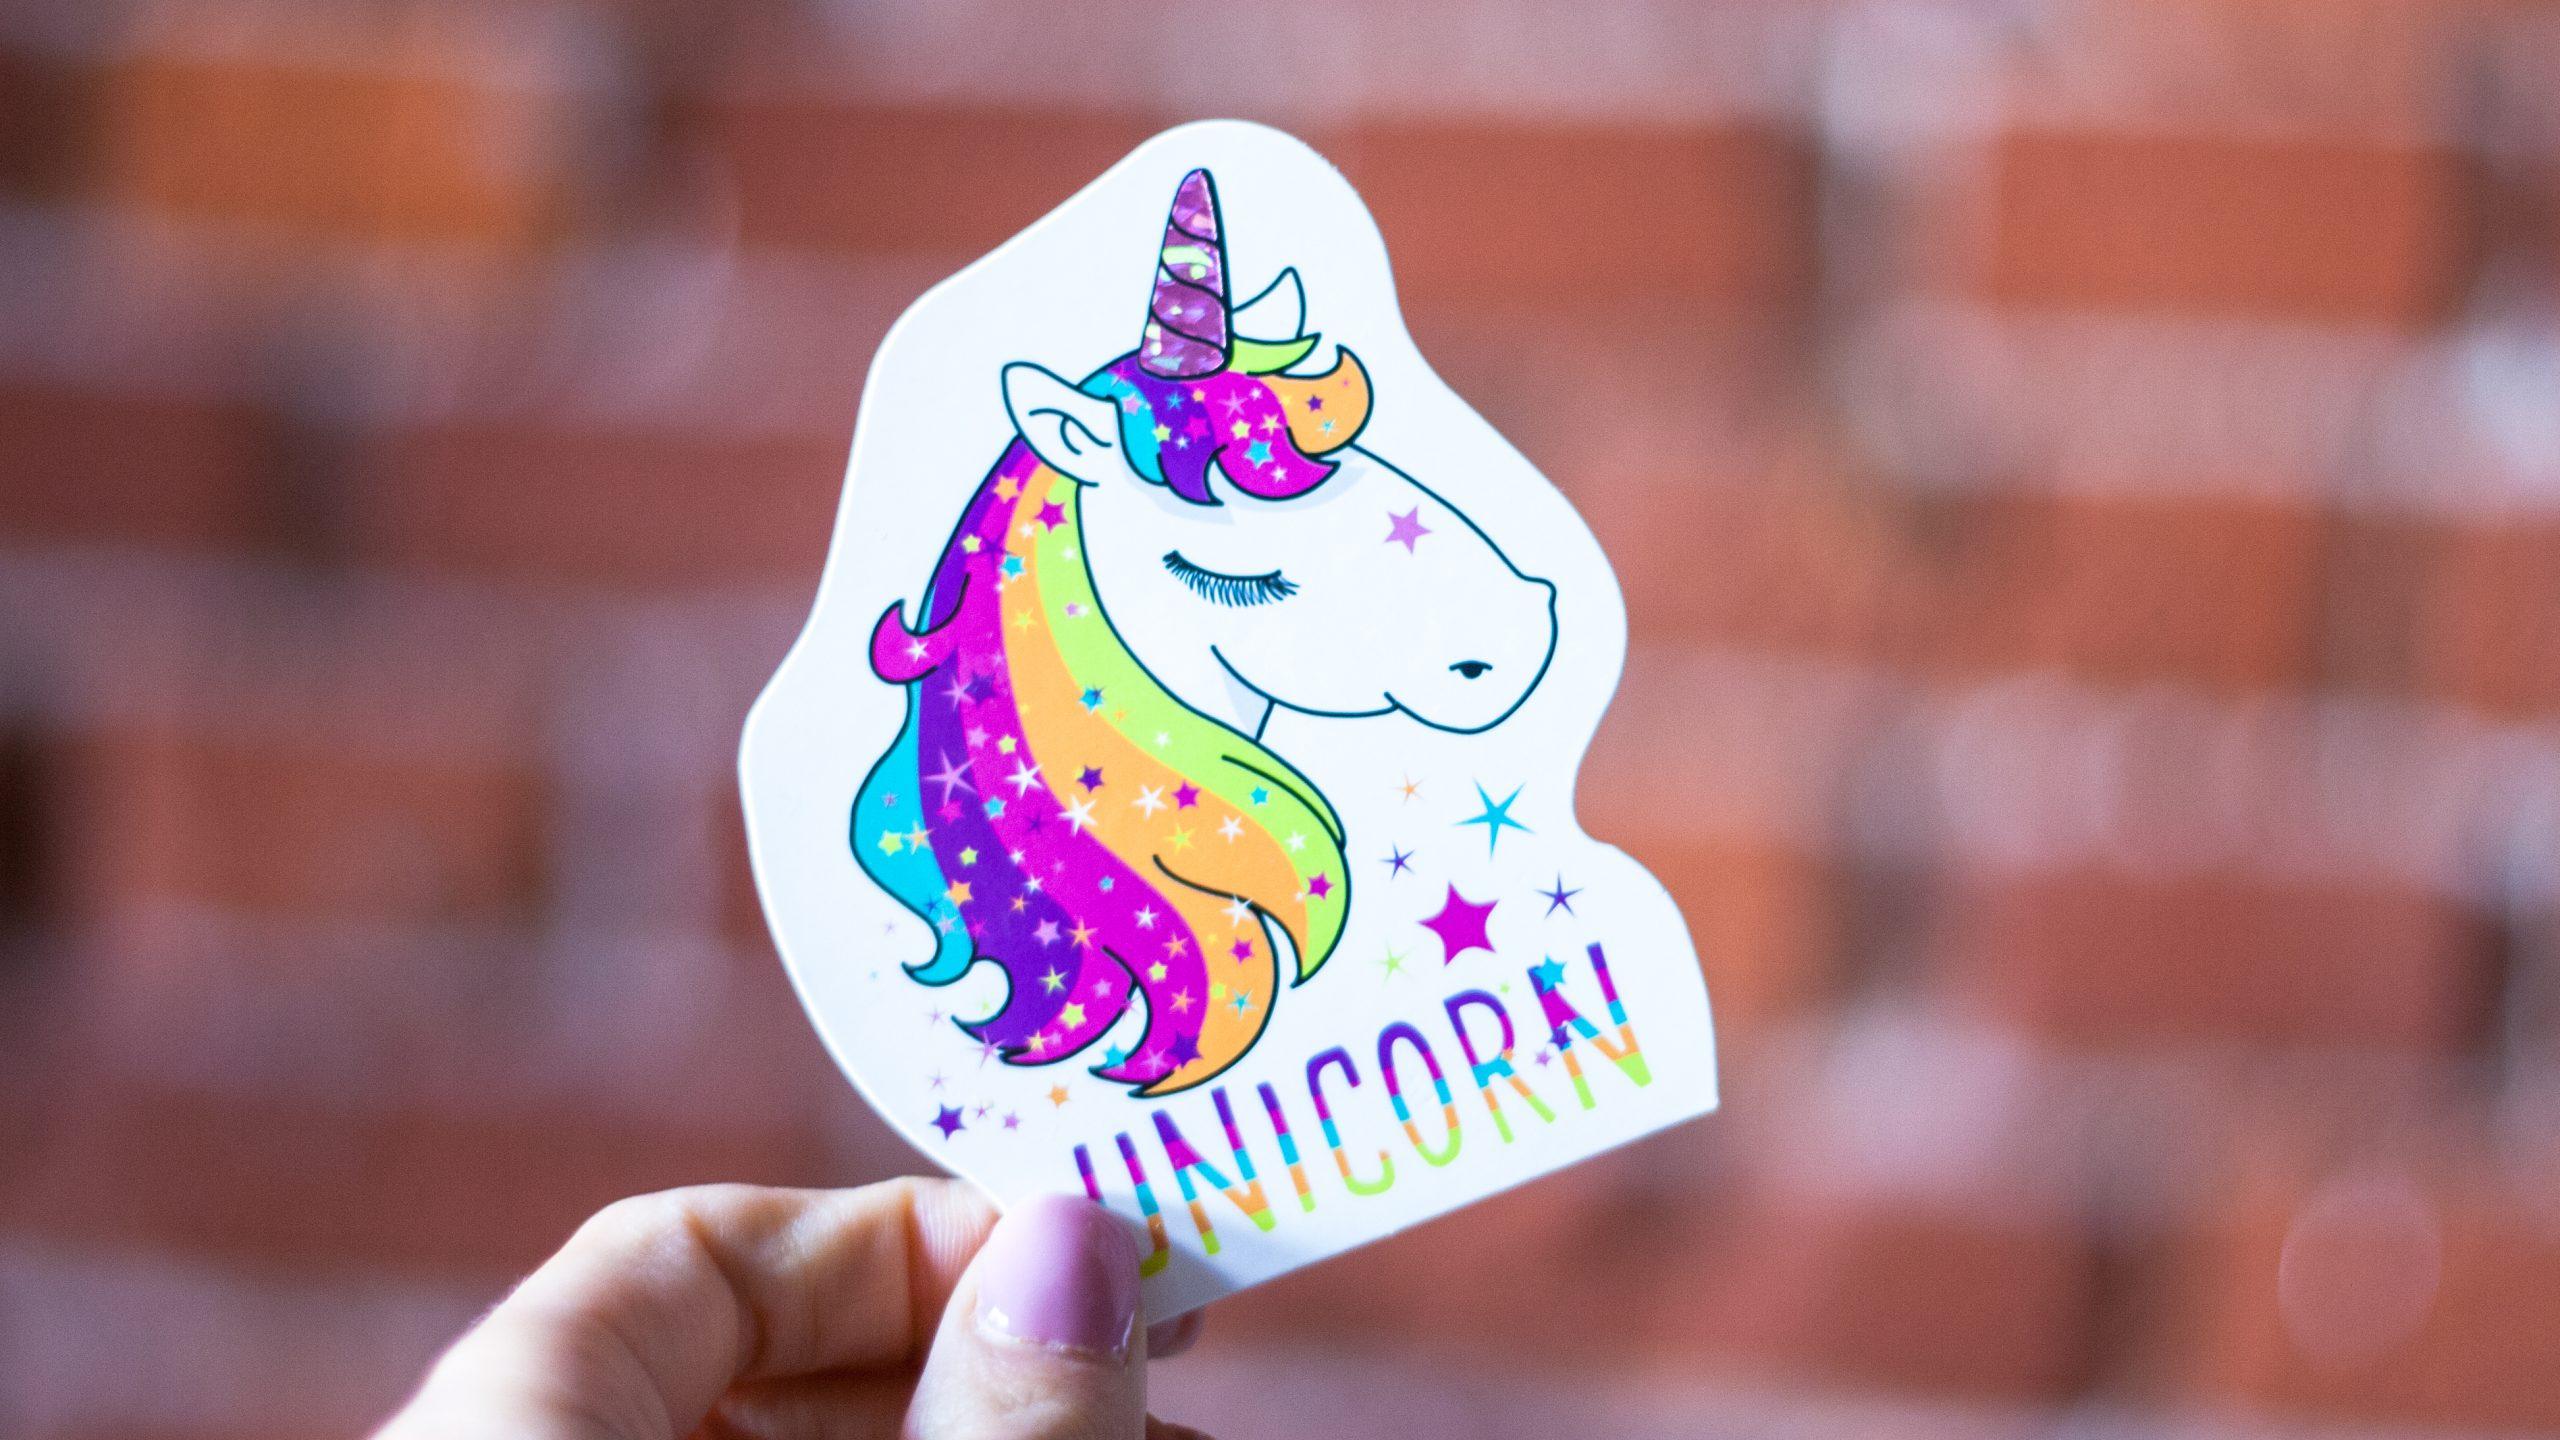 unicorn scaled - Homofobia to nie światopogląd. Nienawiść to nie światopogląd. Nienawiść to nienawiść